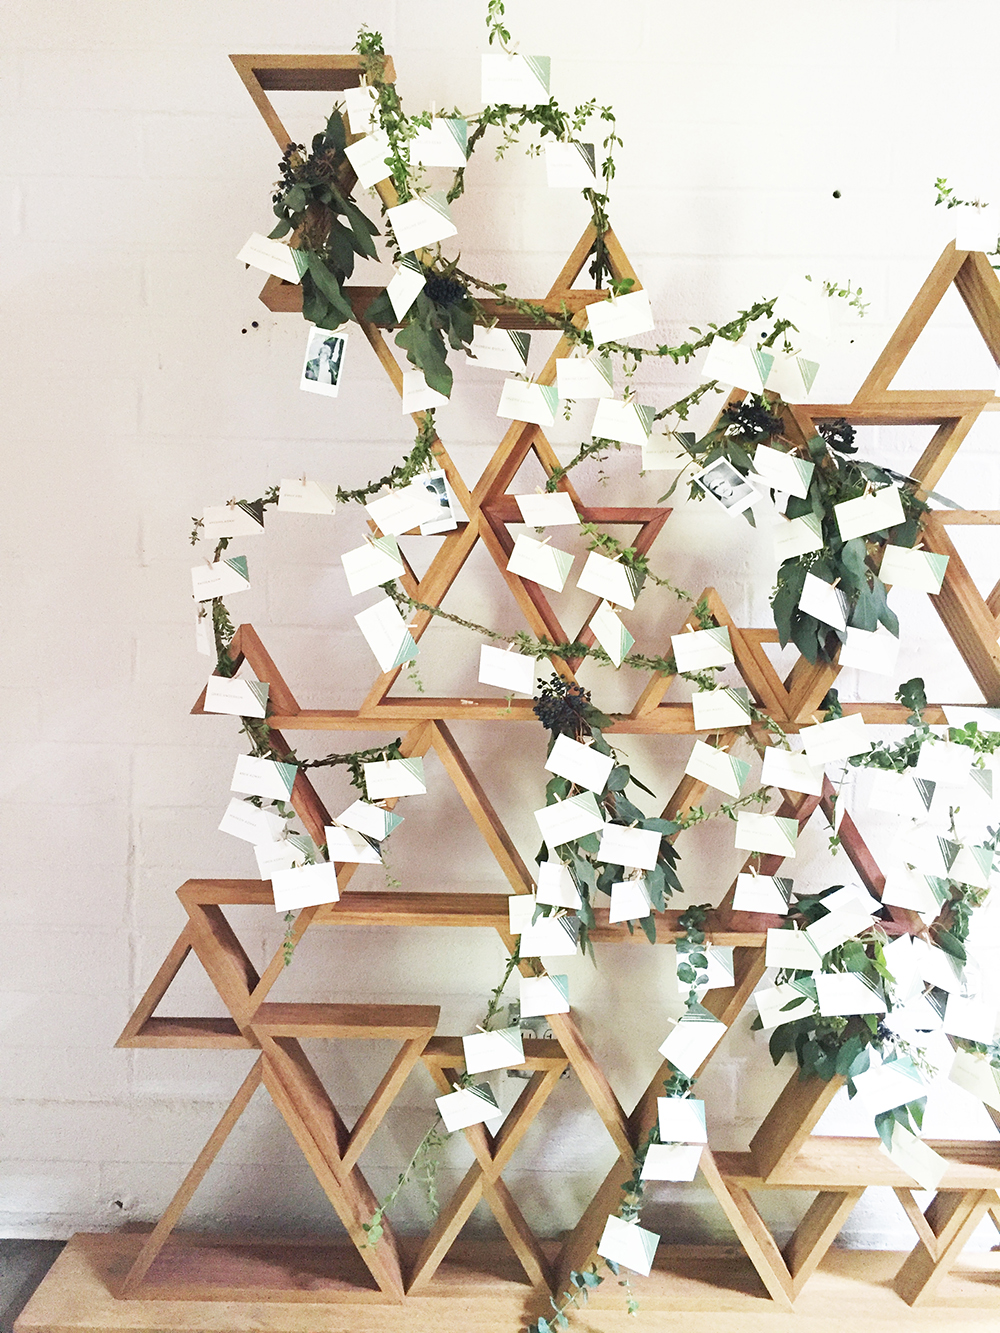 TriangleBuild-LAS.jpg